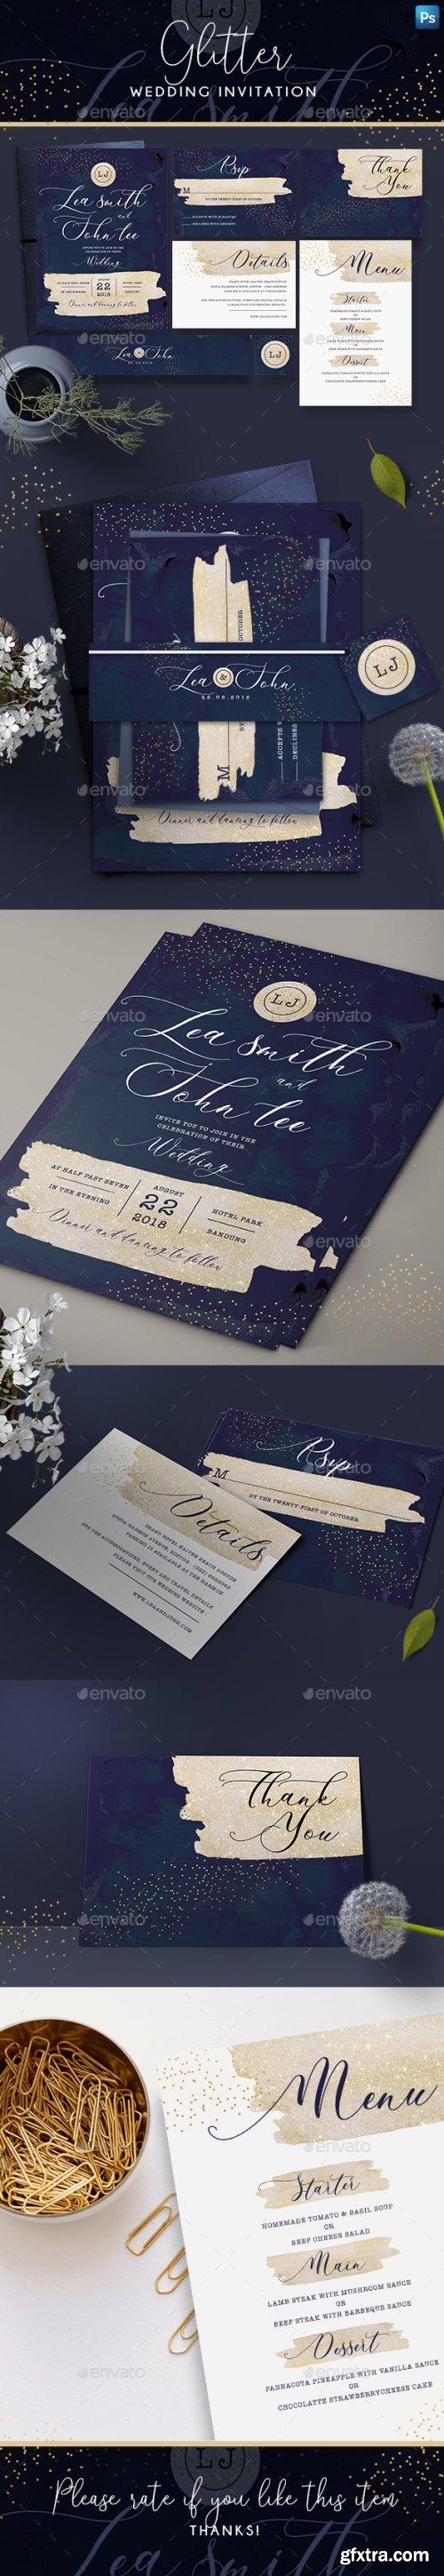 Graphicriver - Glitter Wedding Invitation 22001004